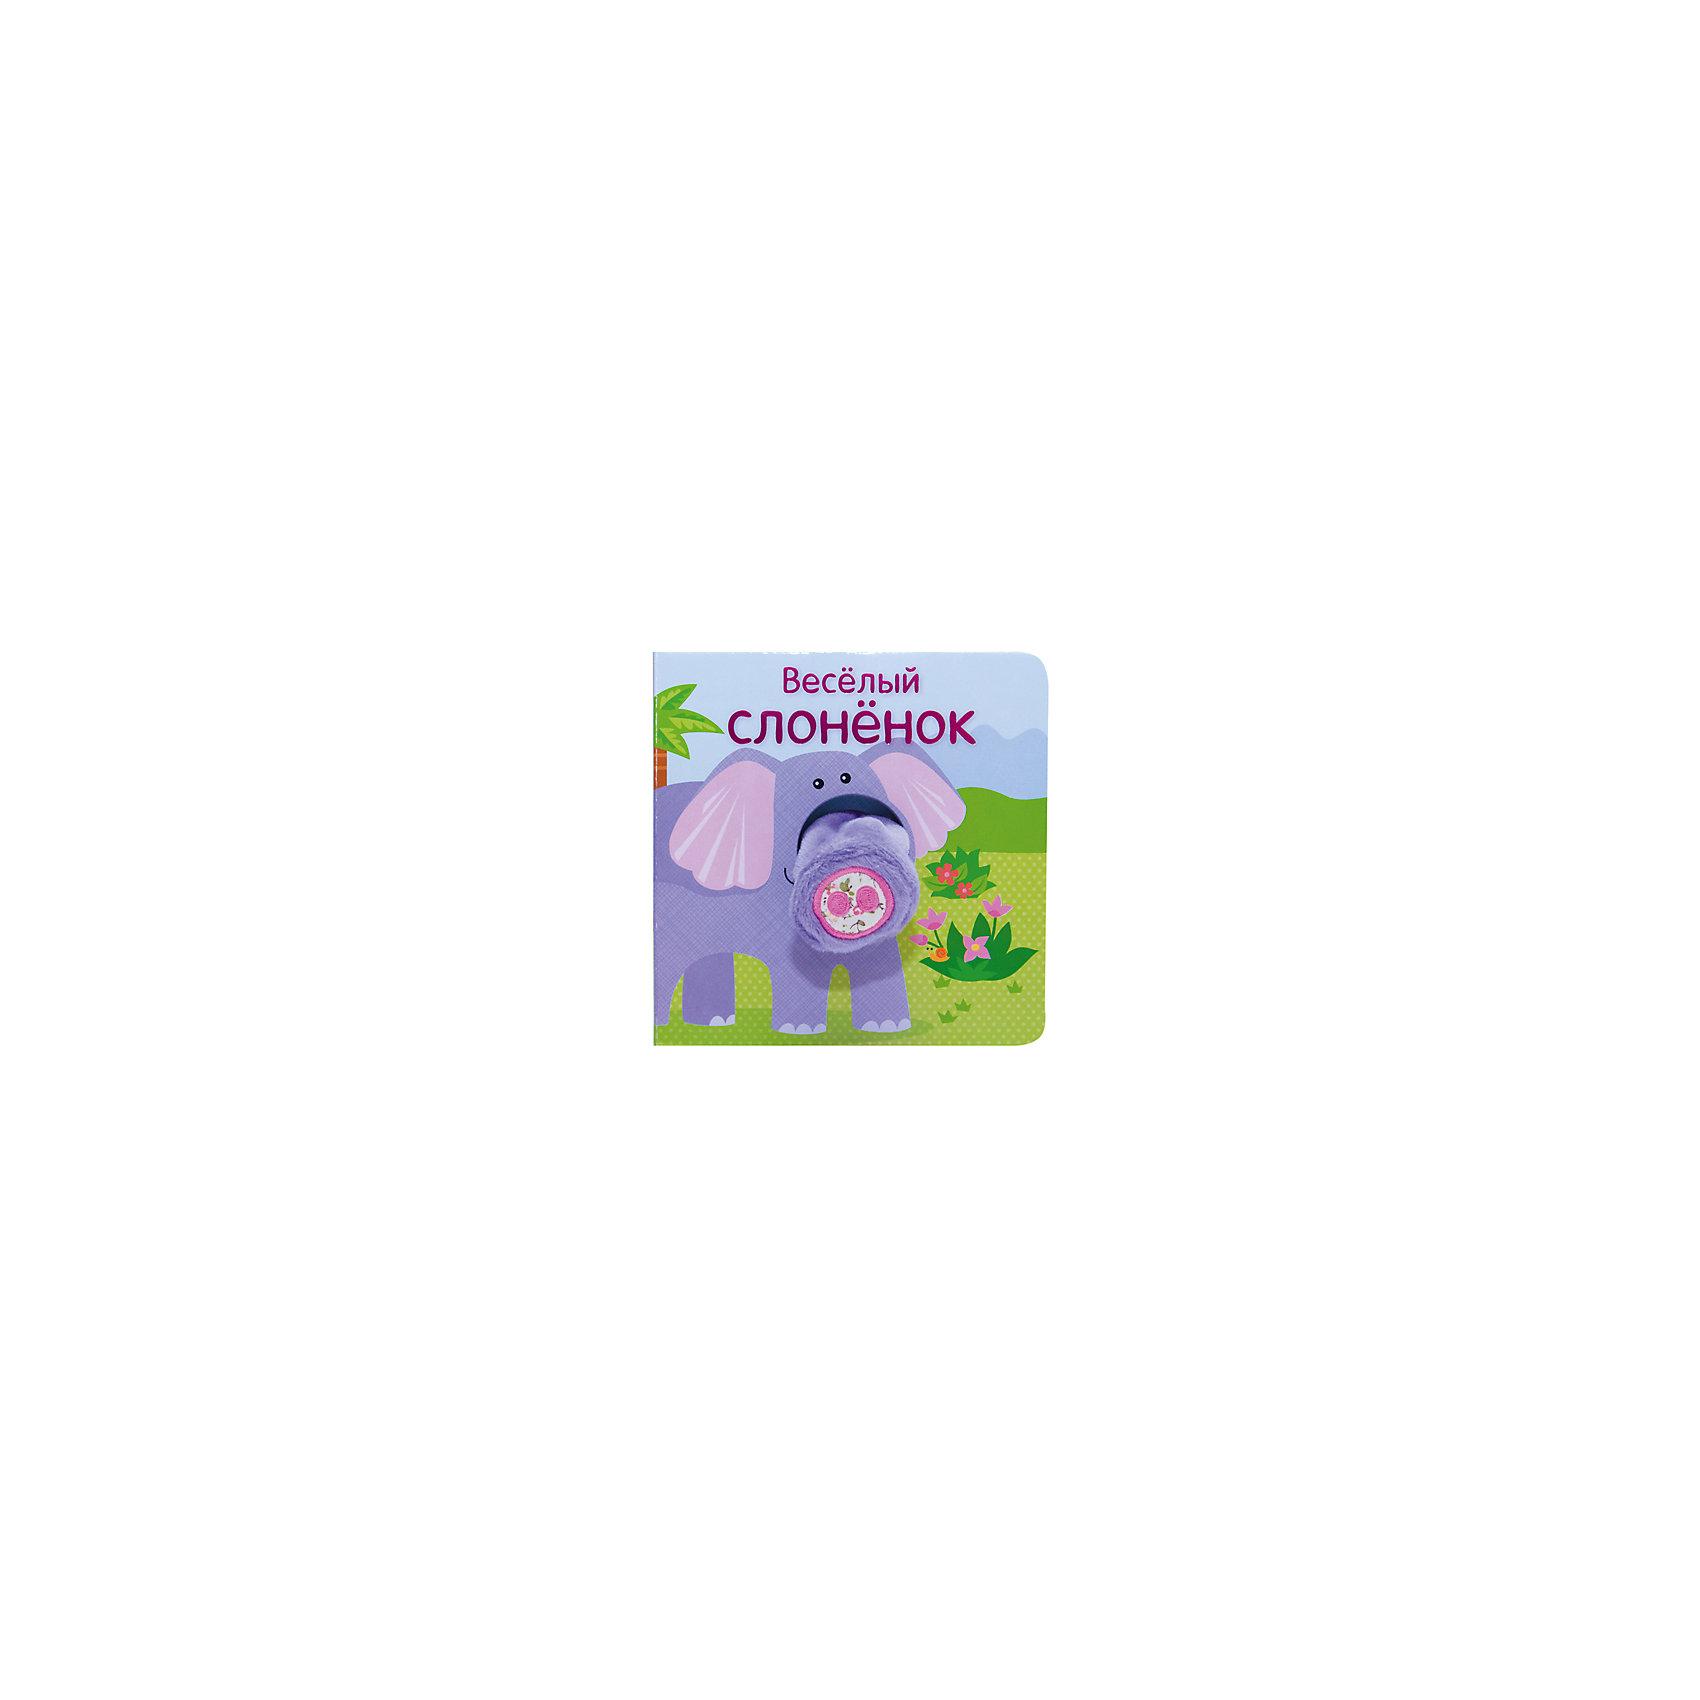 Книжки с пальчиковыми куклами Весёлый слонёнок, Мозаика-СинтезПервые книги малыша<br>Книжки с пальчиковыми куклами Весёлый слонёнок, Мозаика-Синтез <br><br>Характеристики:<br><br>• Возраст: до 3 лет<br>• Обложка: твердая<br>• Страниц: 12<br>• Автор: О. Мазалева<br>• Размер книги: 12.5х12.5 см.<br>• ISBN: 978-5-43151-021-2<br>• Формат: мини<br><br>Эта удивительная книга подарит вашему ребенку много часов счастливой игры и поможет развить воображение. В комплекте с книгой идет не только пальчиковая игрушка слоненок, но и множество стихов и описания приключений героя, которые подарят вам возможность увлечь малыша рассказом, помочь ему в развитии фантазии и дать поиграть с милой игрушкой. Книга имеет закругленные края и изготовлена на плотном картоне, чтобы быть абсолютно безопасной для вашего малыша.<br><br>Книжки с пальчиковыми куклами Весёлый слонёнок, Мозаика-Синтез можно купить в нашем интернет-магазине.<br><br>Ширина мм: 125<br>Глубина мм: 125<br>Высота мм: 17<br>Вес г: 0<br>Возраст от месяцев: 12<br>Возраст до месяцев: 36<br>Пол: Унисекс<br>Возраст: Детский<br>SKU: 5441680